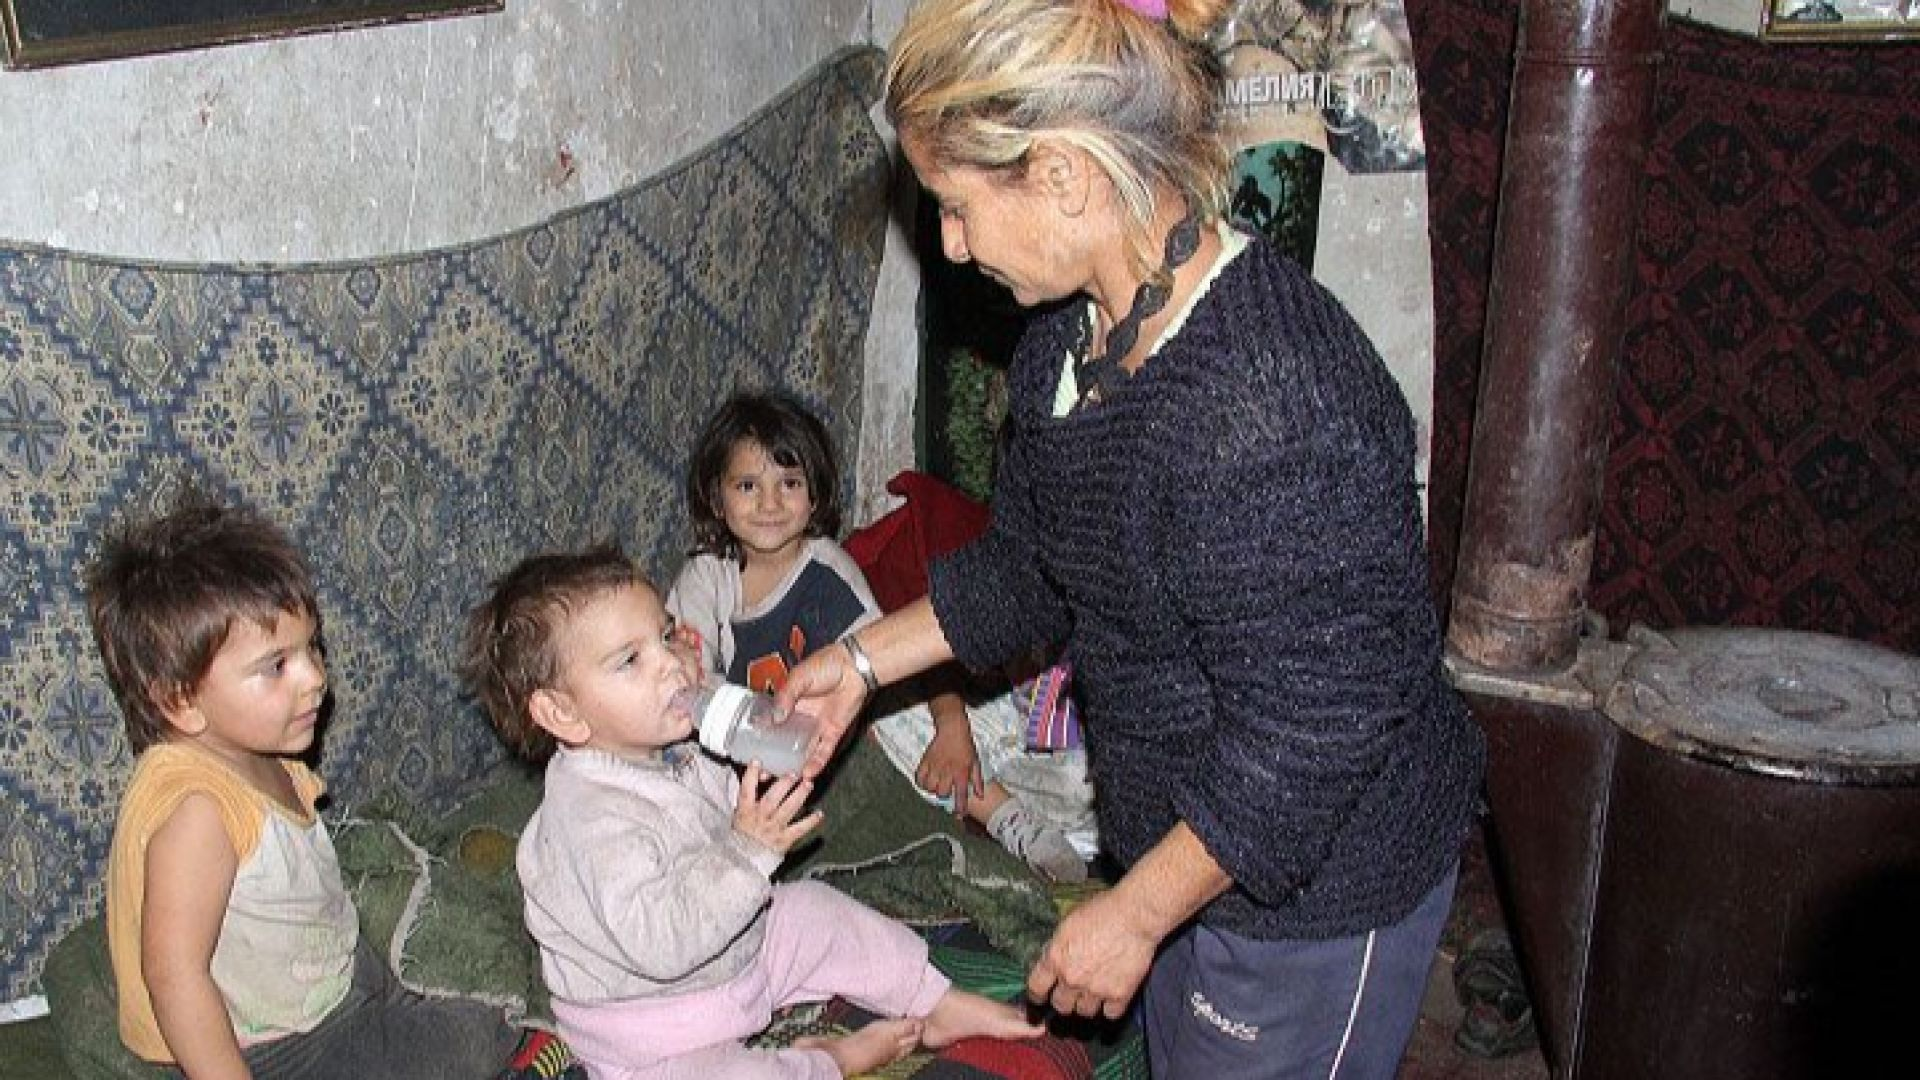 Зловеща статистика след смъртта на бебе: От 12 деца - 3 починали и 9 отнети